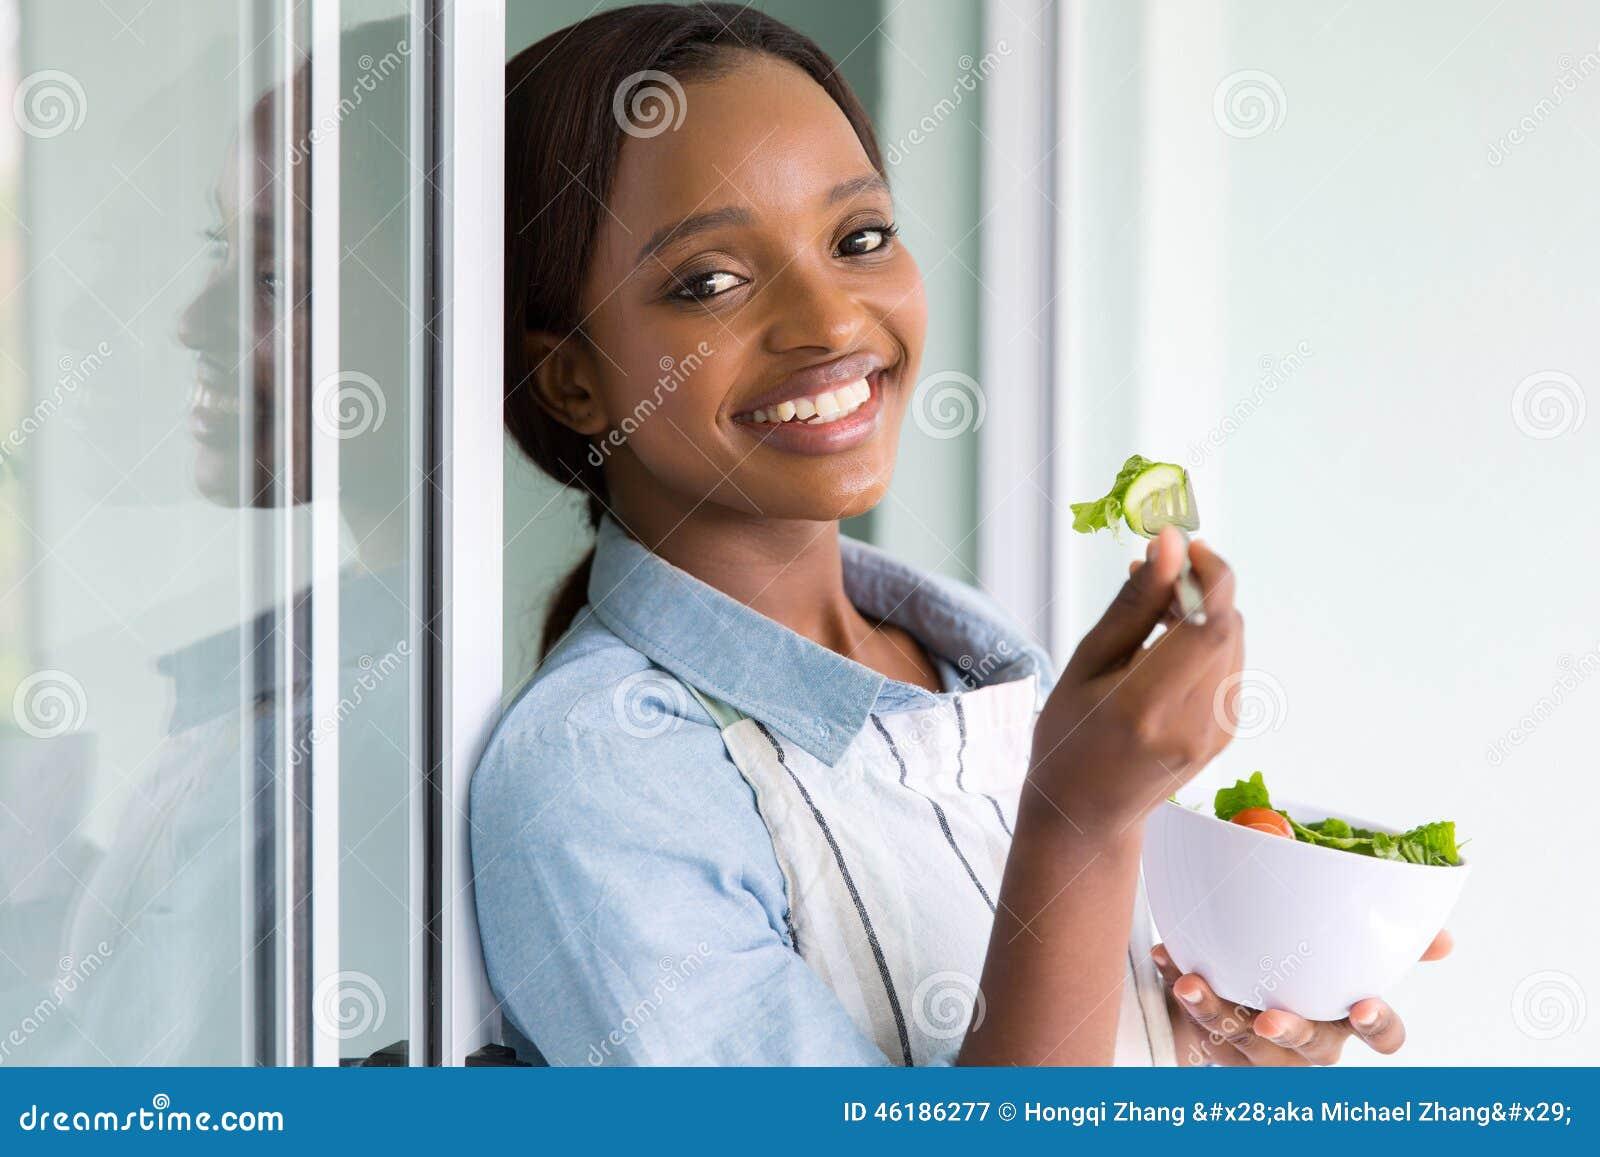 Afrikanischer Mädchensalat